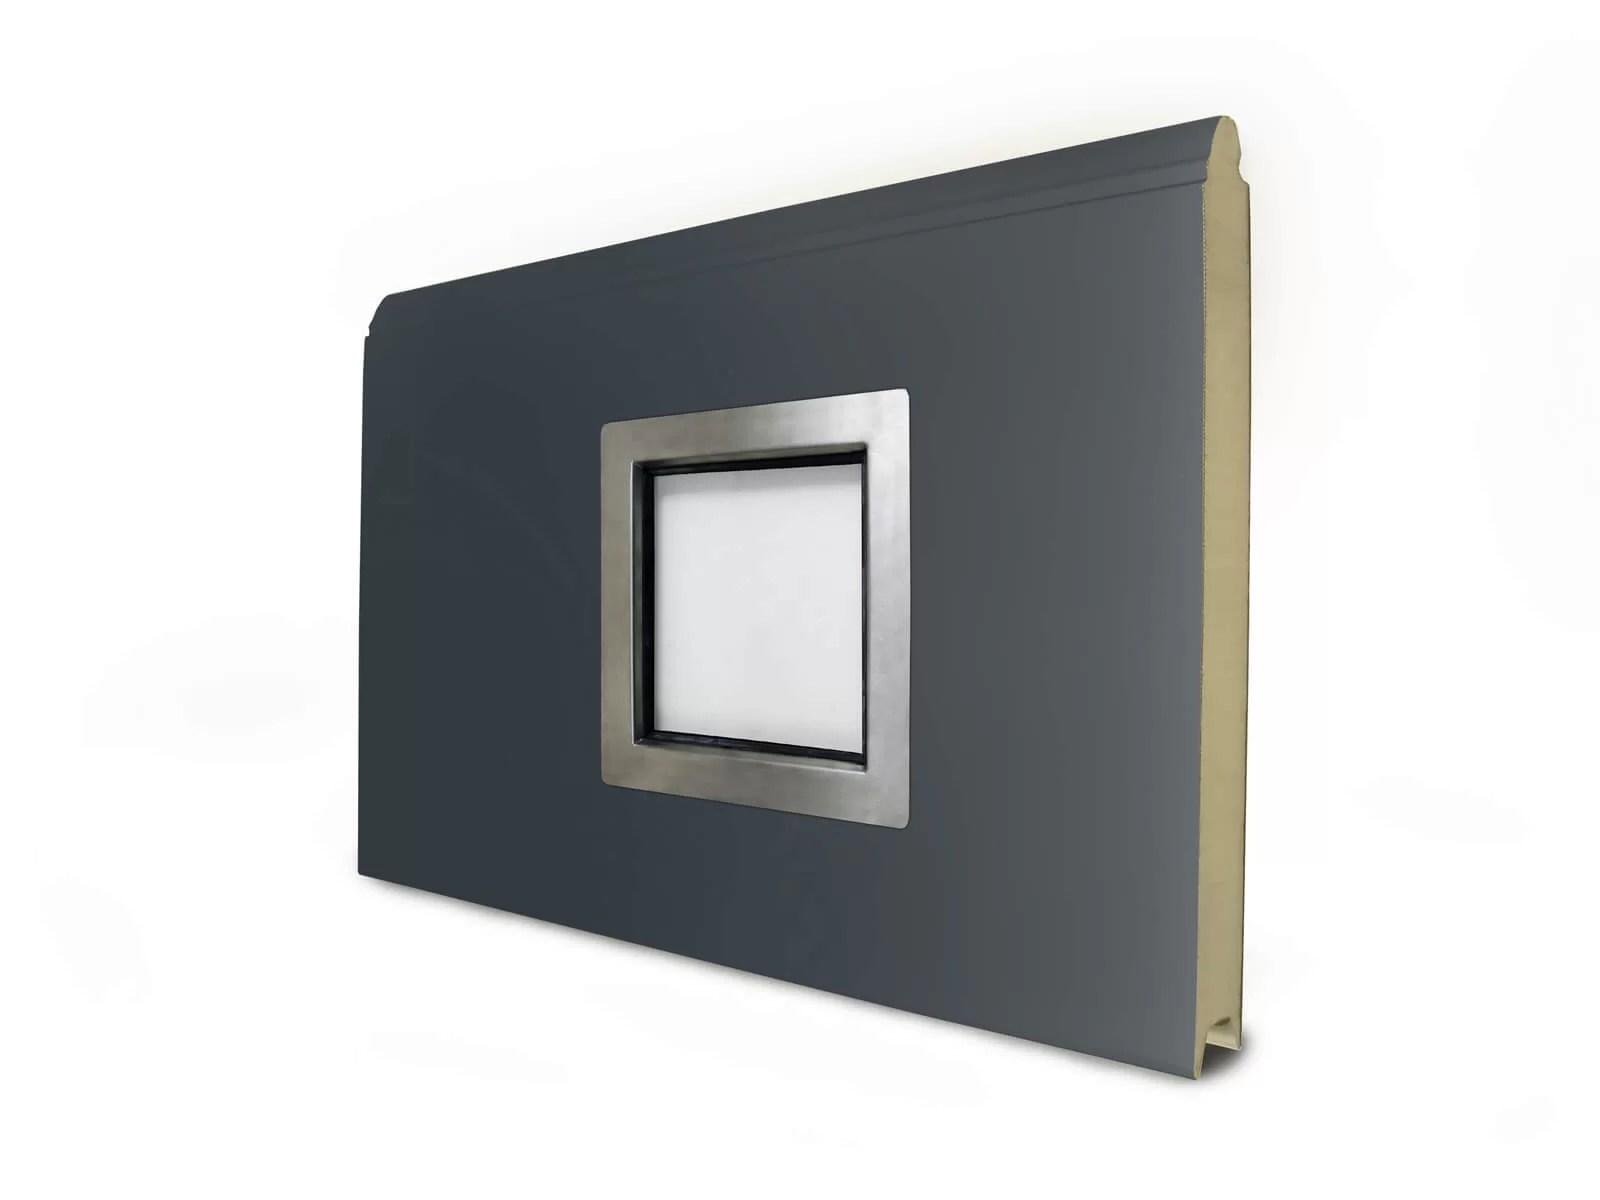 Oblò quadrato piccolo in Acciaio Inox - Portoni da Garage Breda